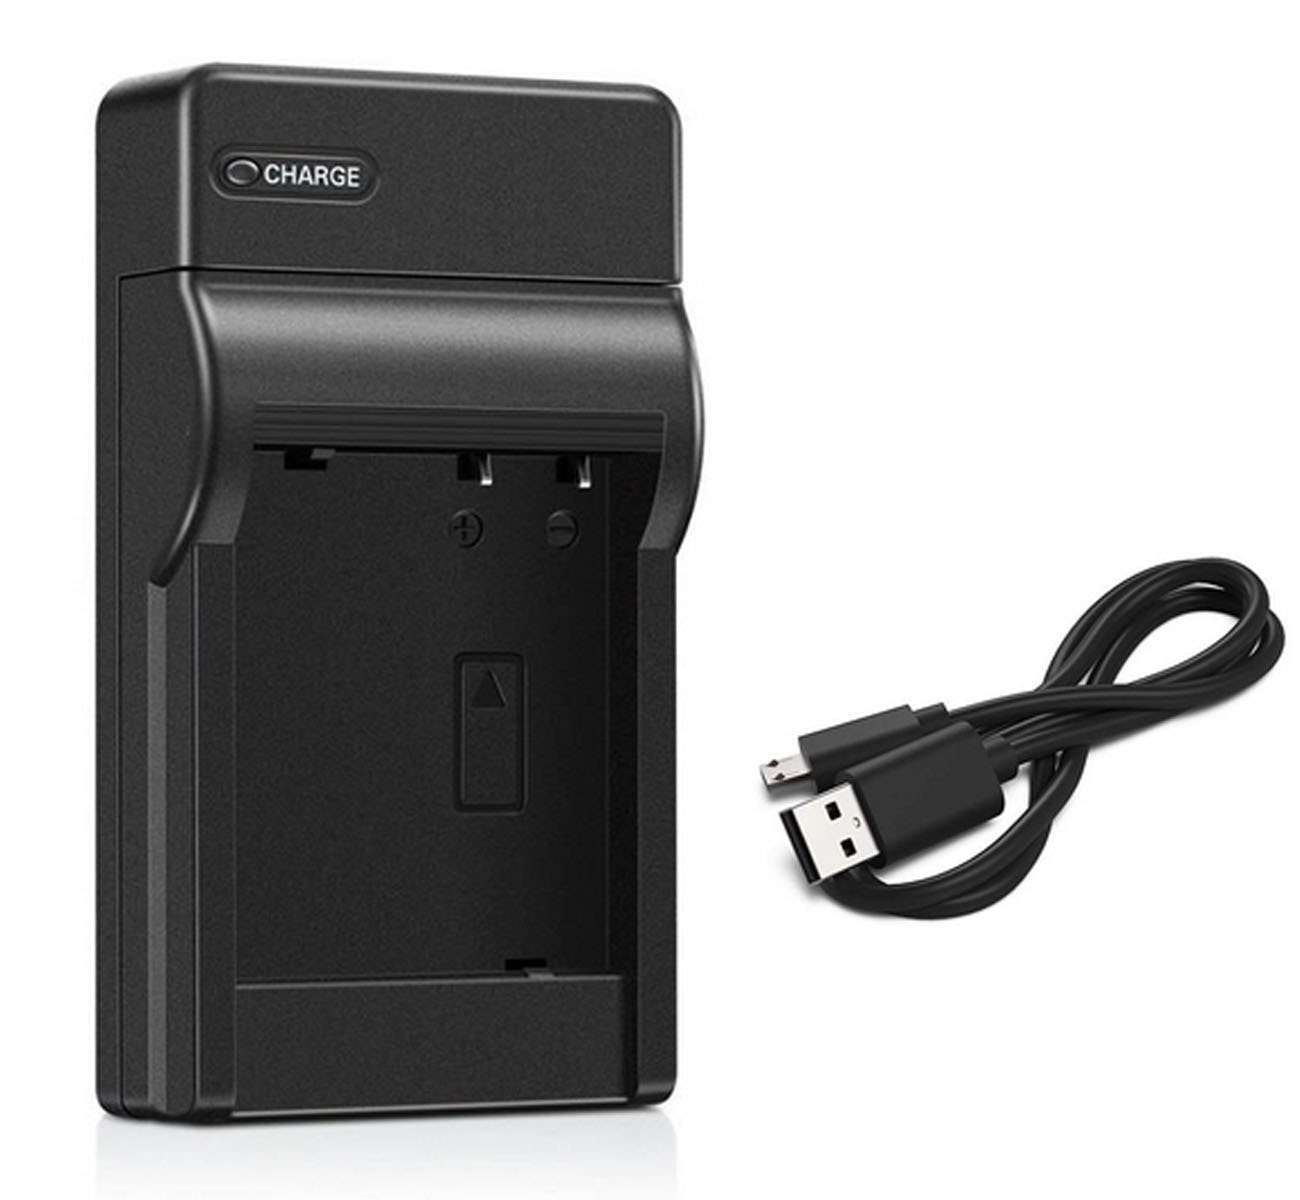 Cargador de batería para Samsung SB-L110A, SBL110A, SB-L160, SBL160, SB-L320, SBL320